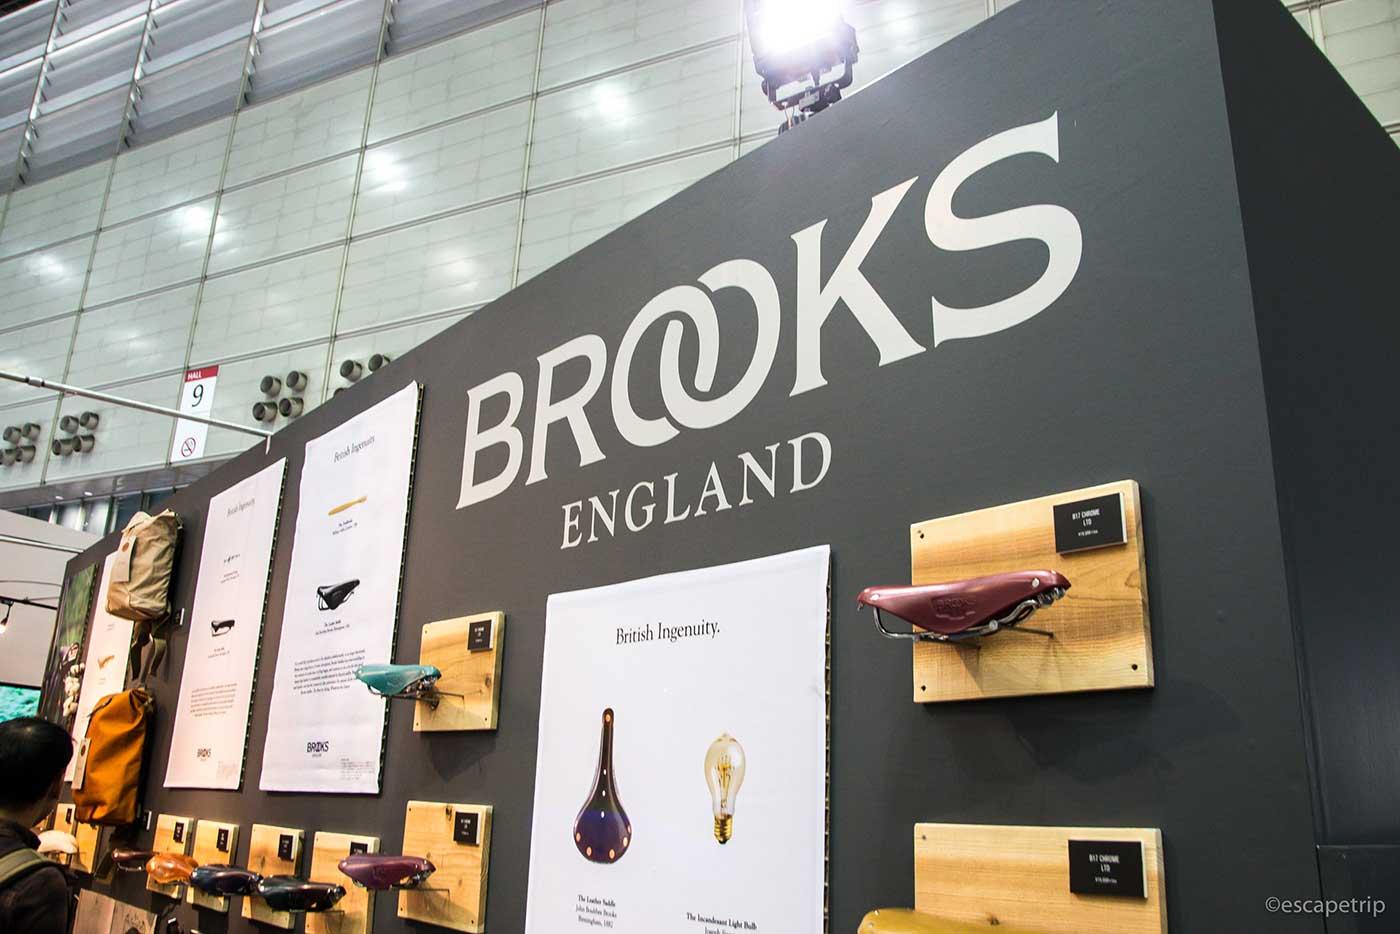 BROOKSのブース